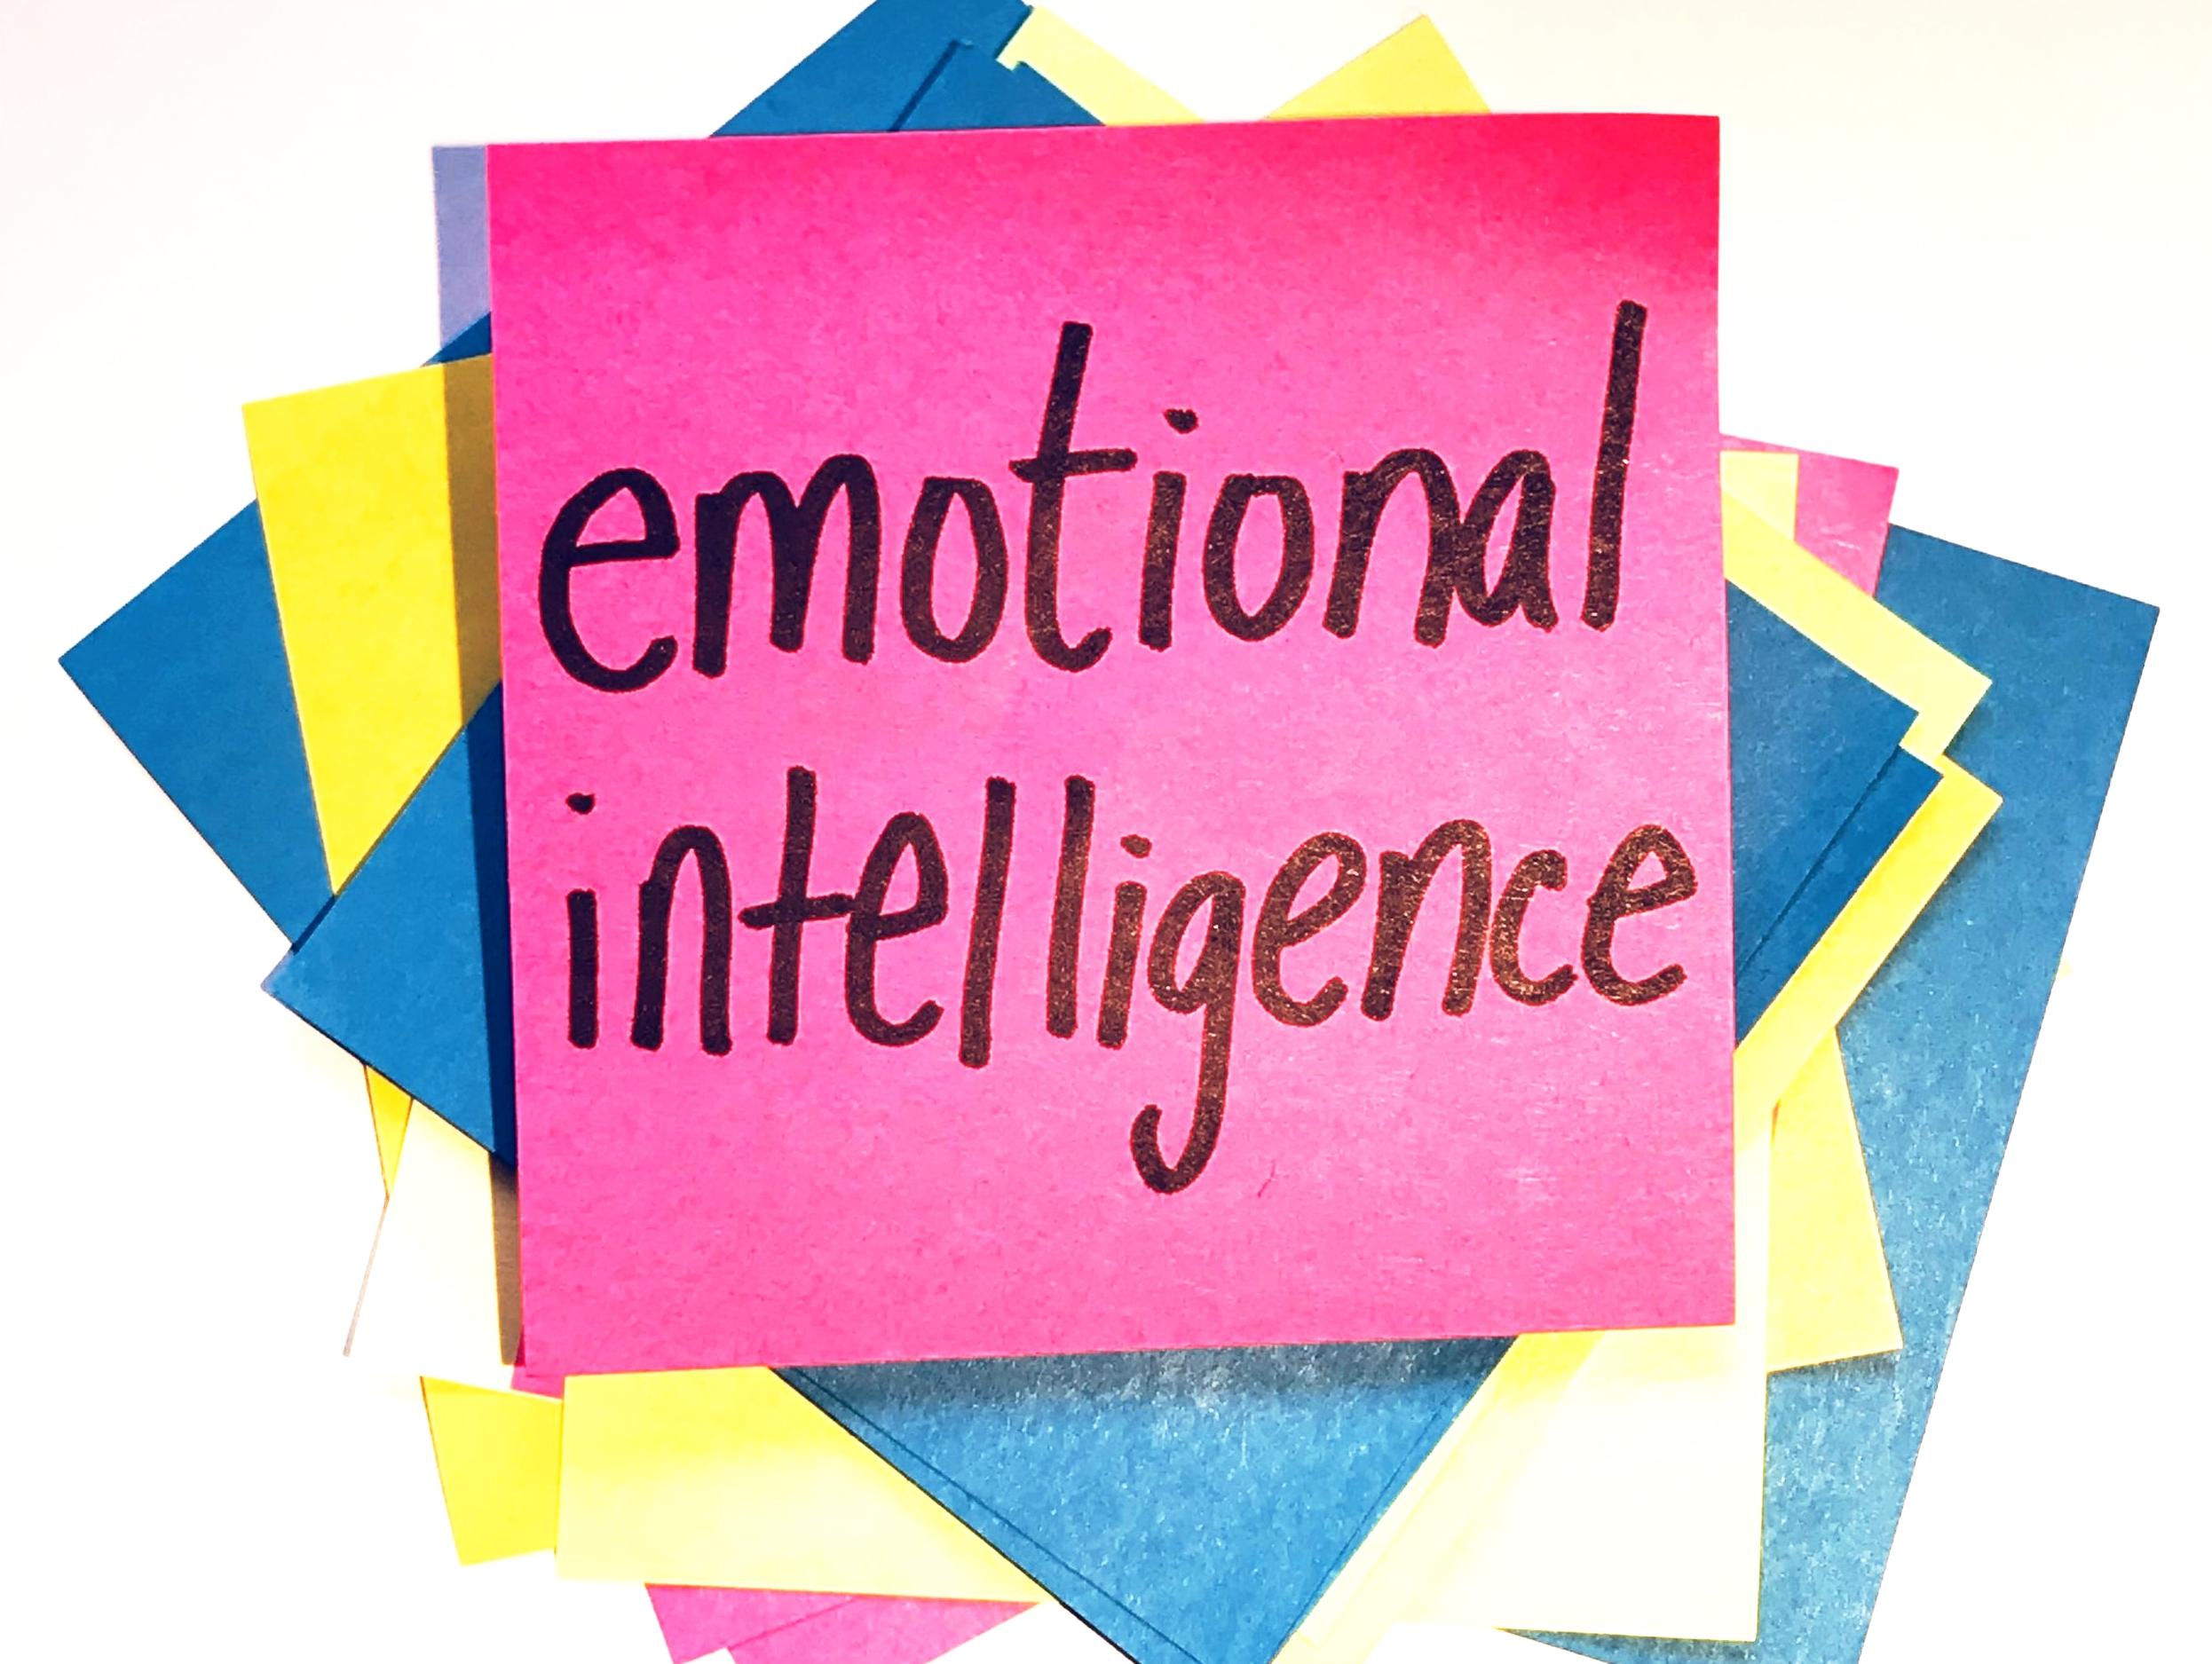 Emotional Intelligence & Change -